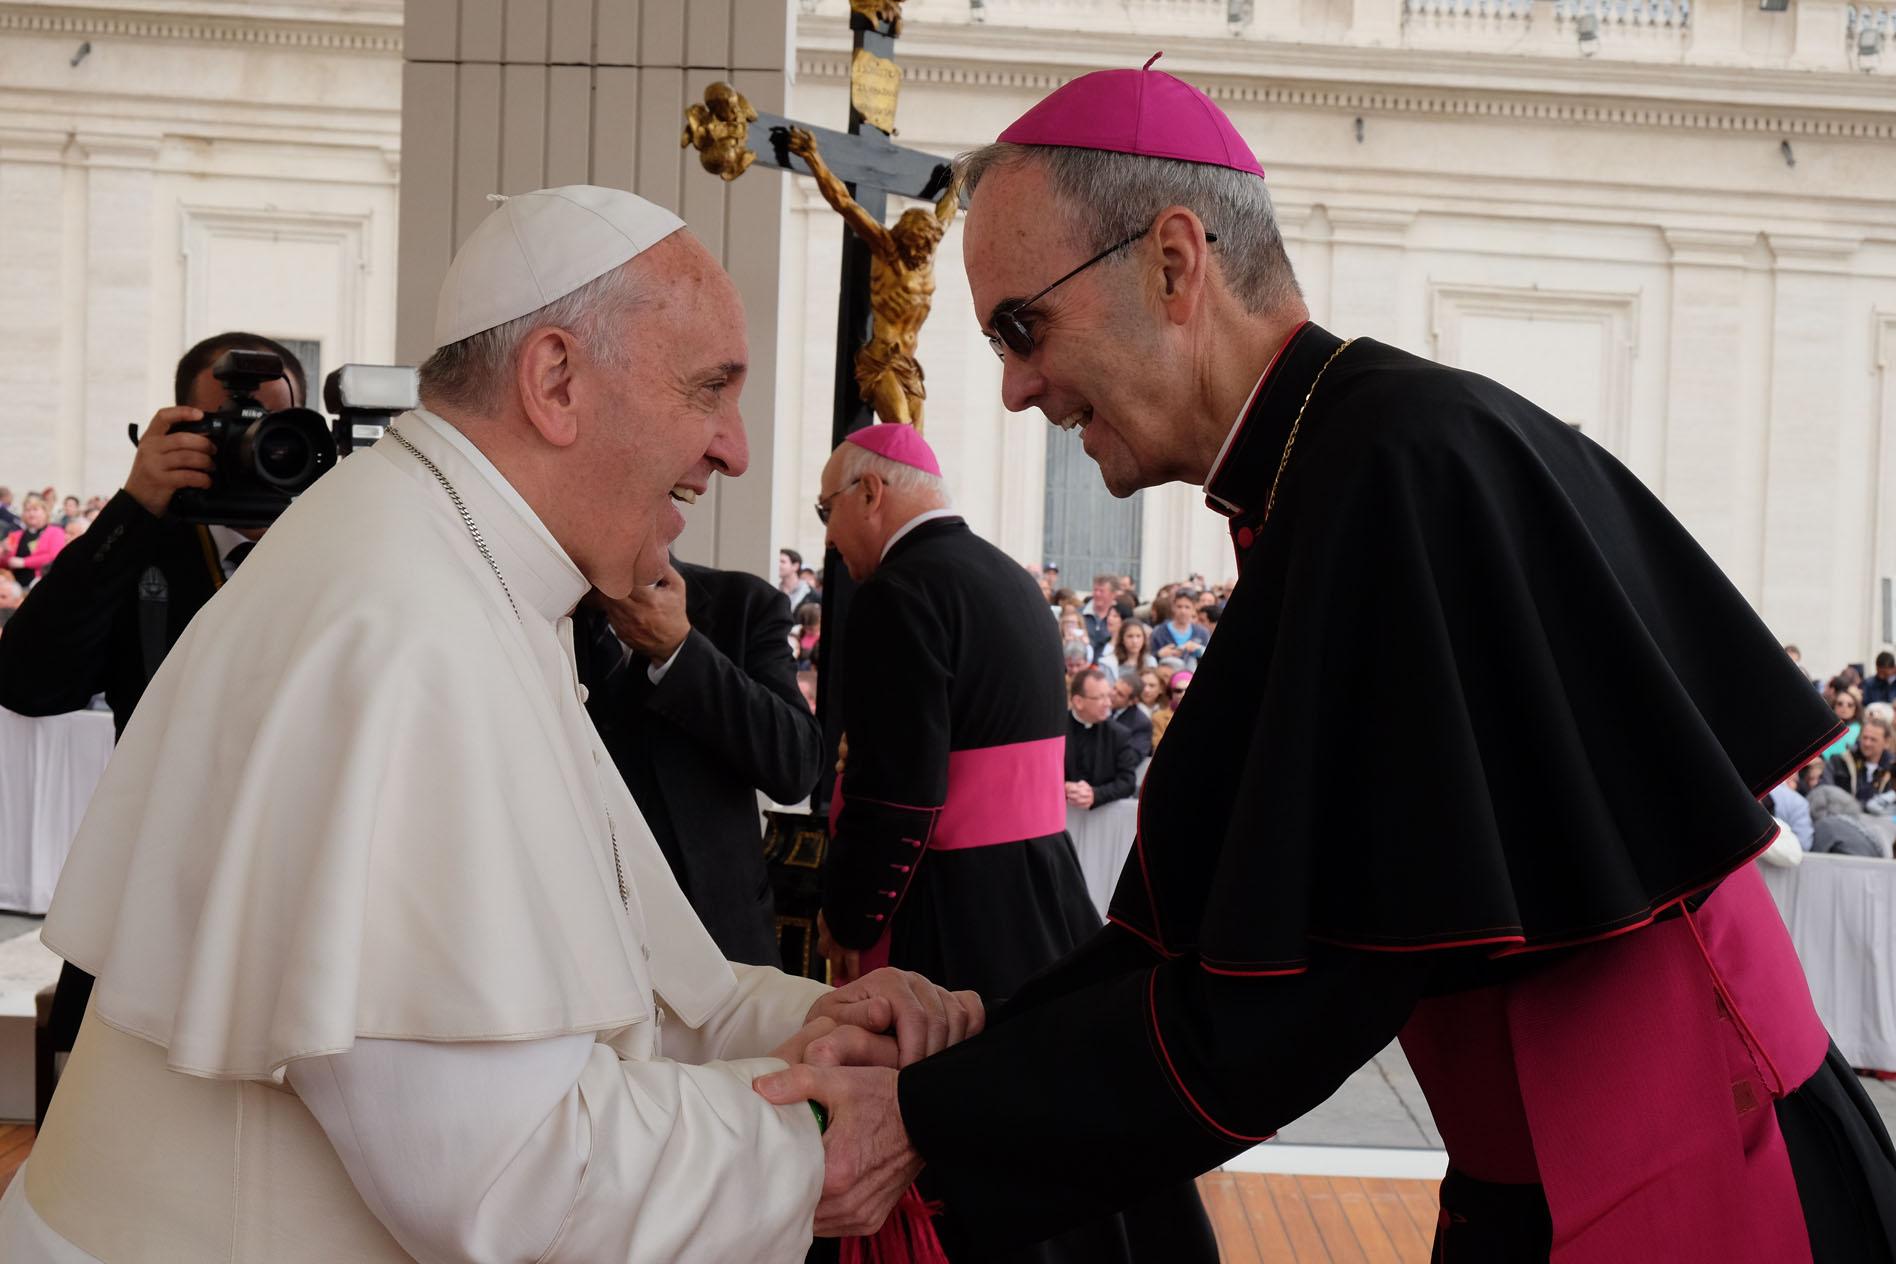 Pope Francis greets Bishop Paul Sanchez